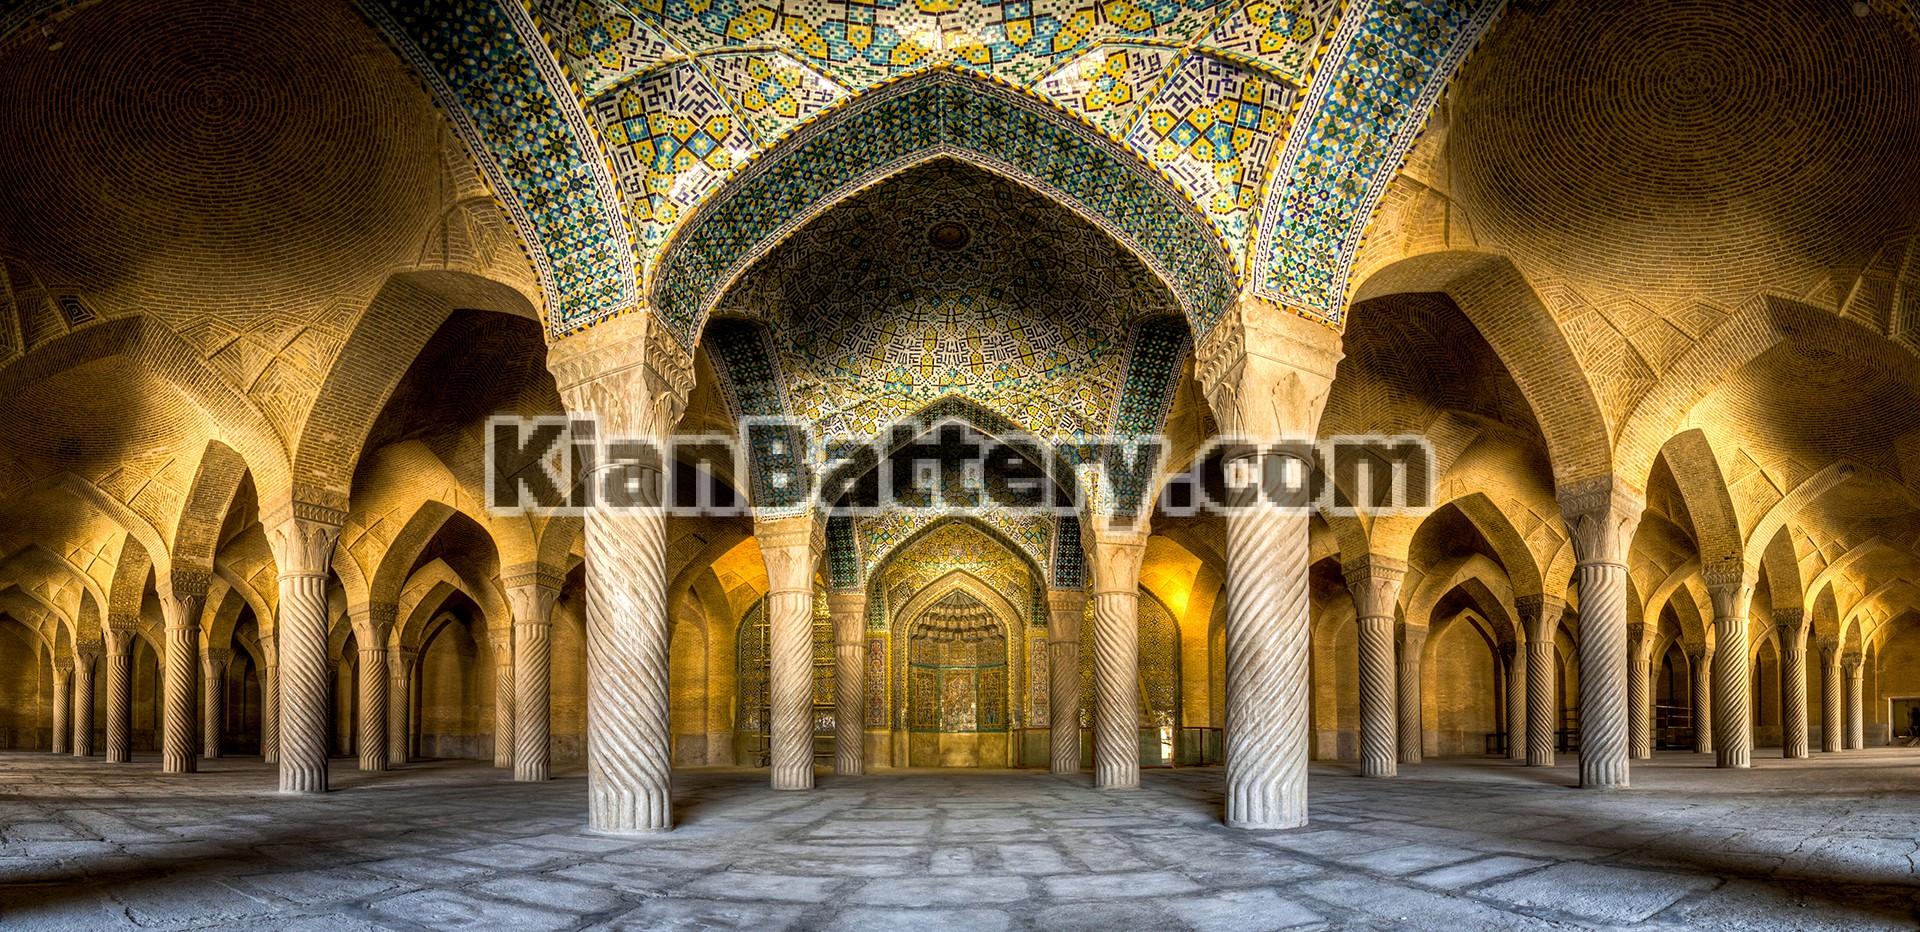 مسجد وکیل شیراز راهنمای سفر به شیراز در استان فارس